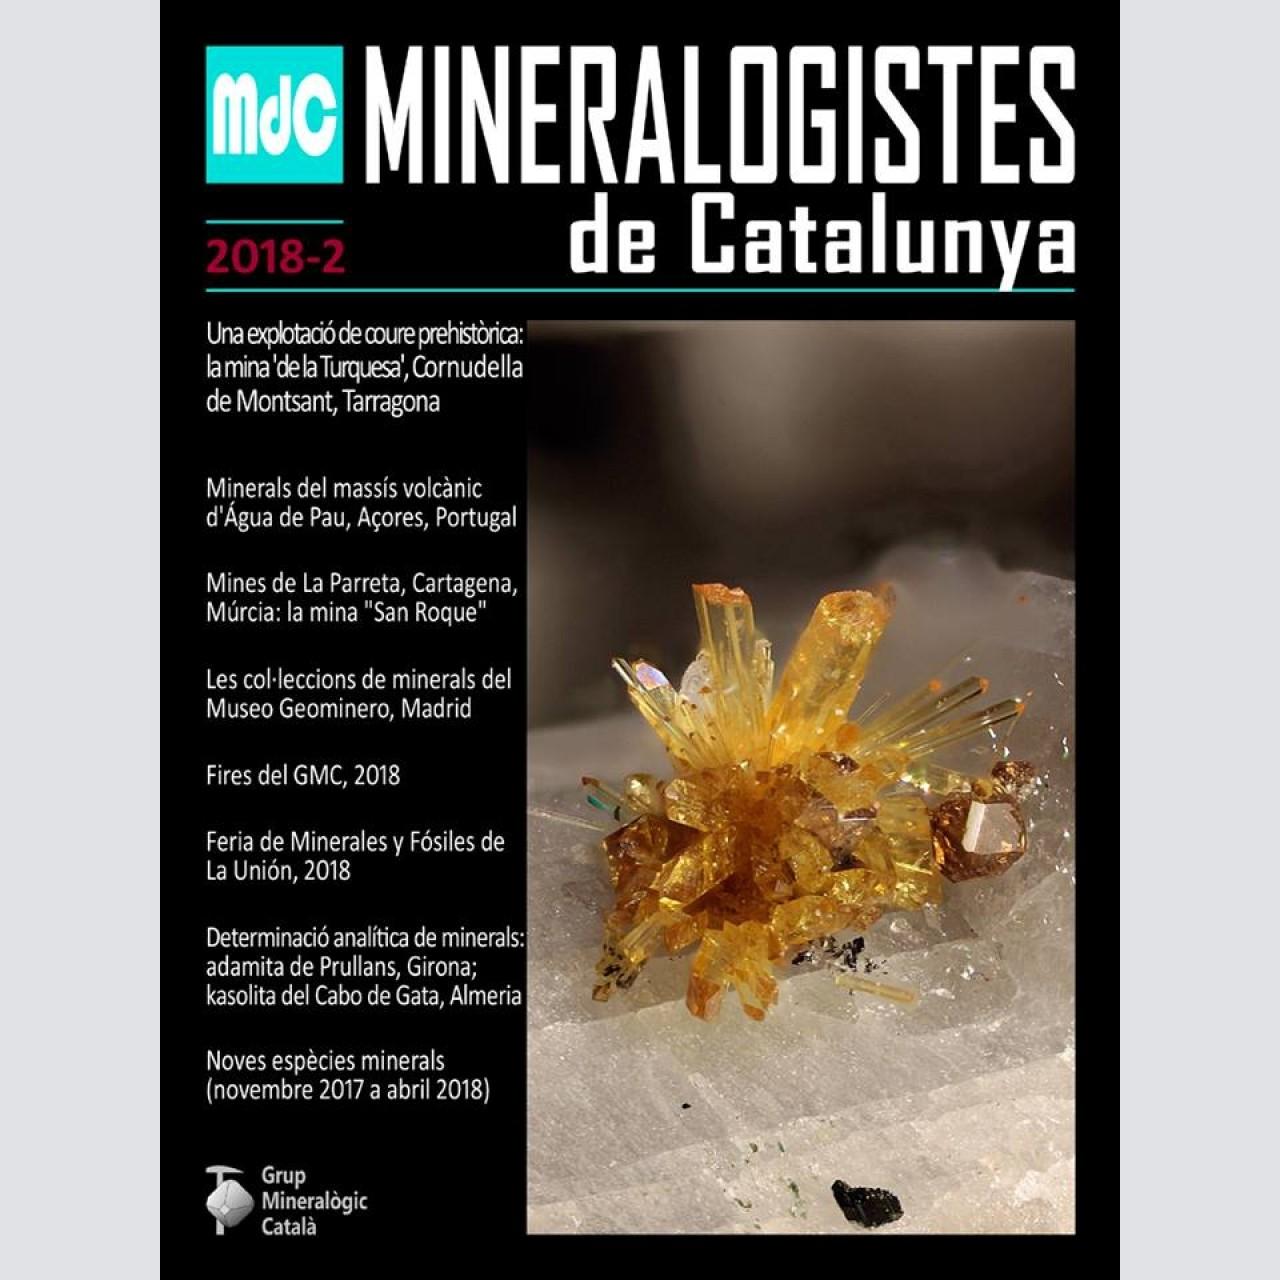 Mineralogistes de Catalunya (2018-2)